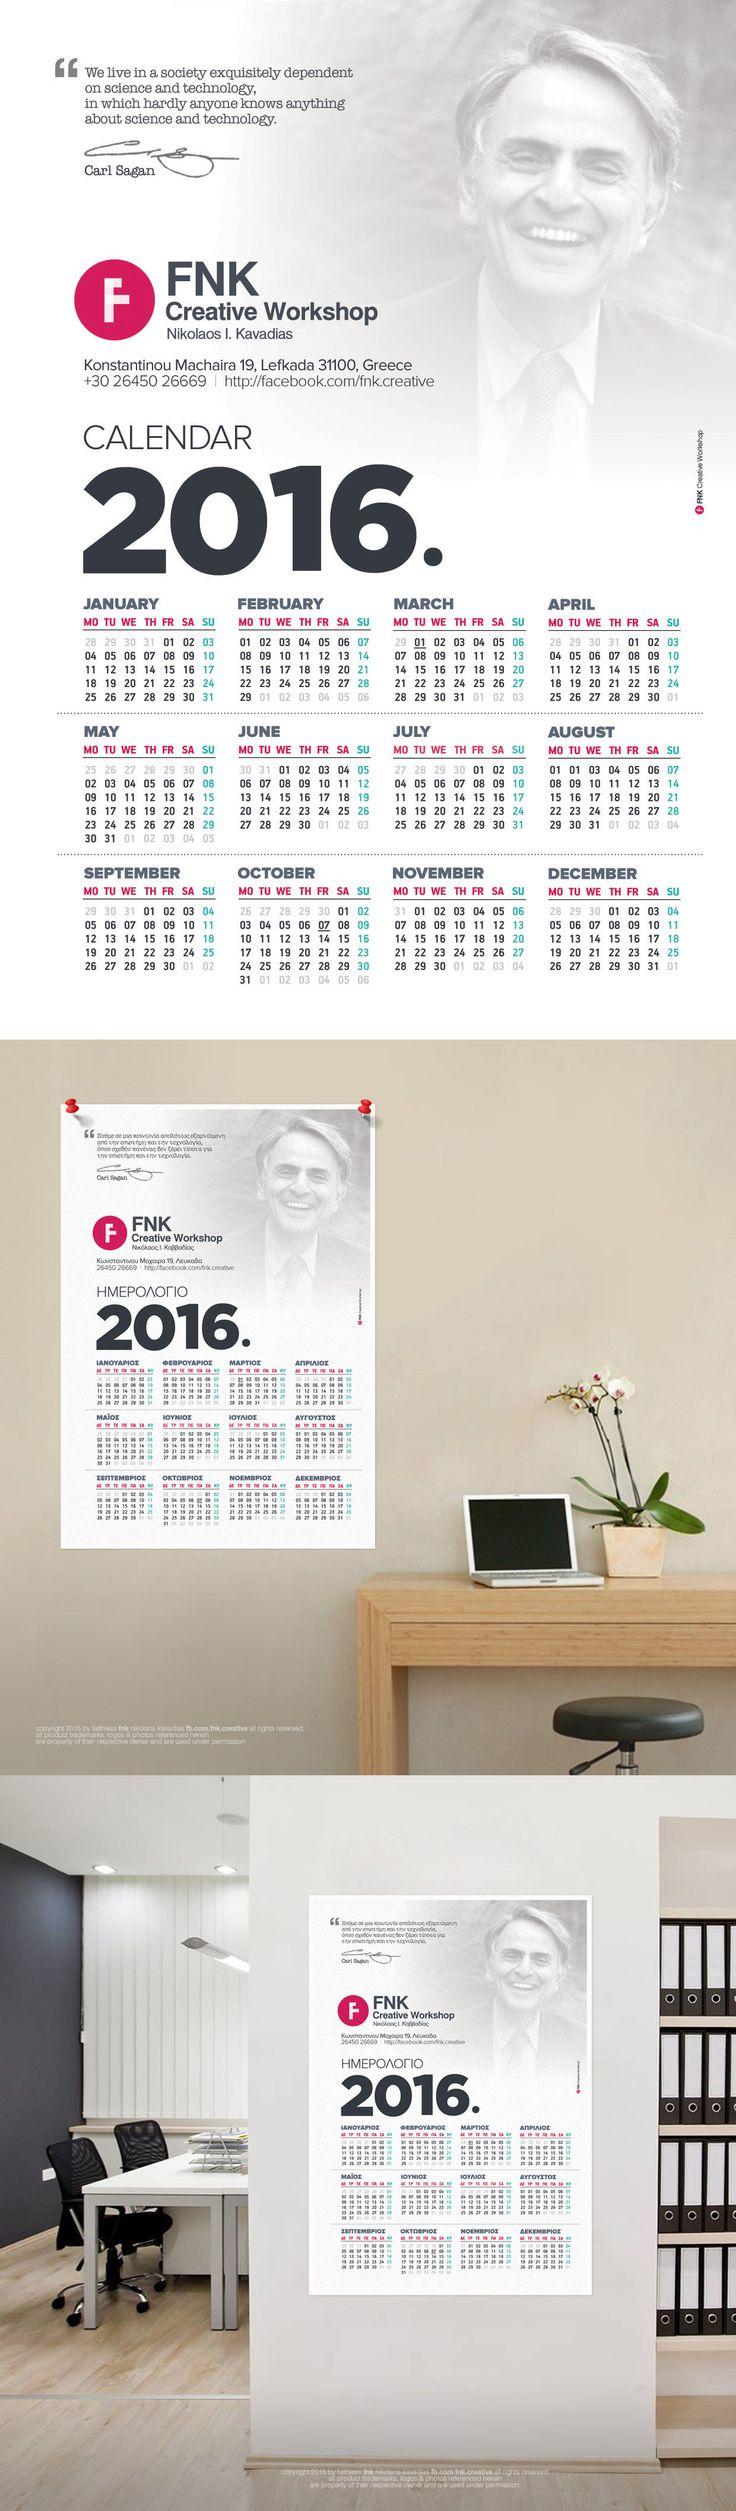 FNK 2016 Calendar (Light Version)  Download for FREE: http://bit.ly/1Rbt1DP